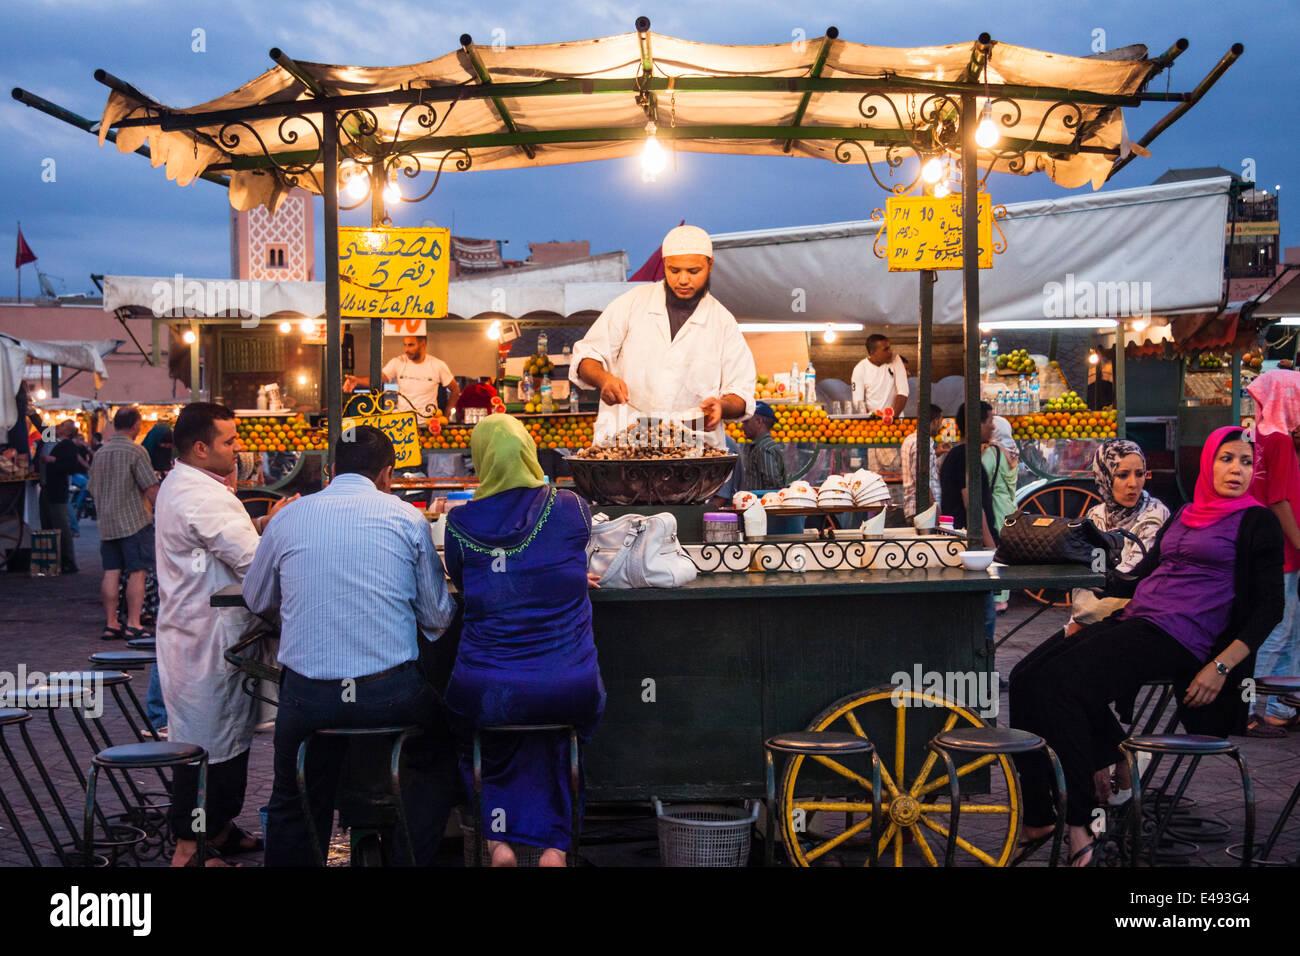 Djemaa el Fna bancarelle prodotti alimentari al crepuscolo. Marrakech, Marocco. Immagini Stock